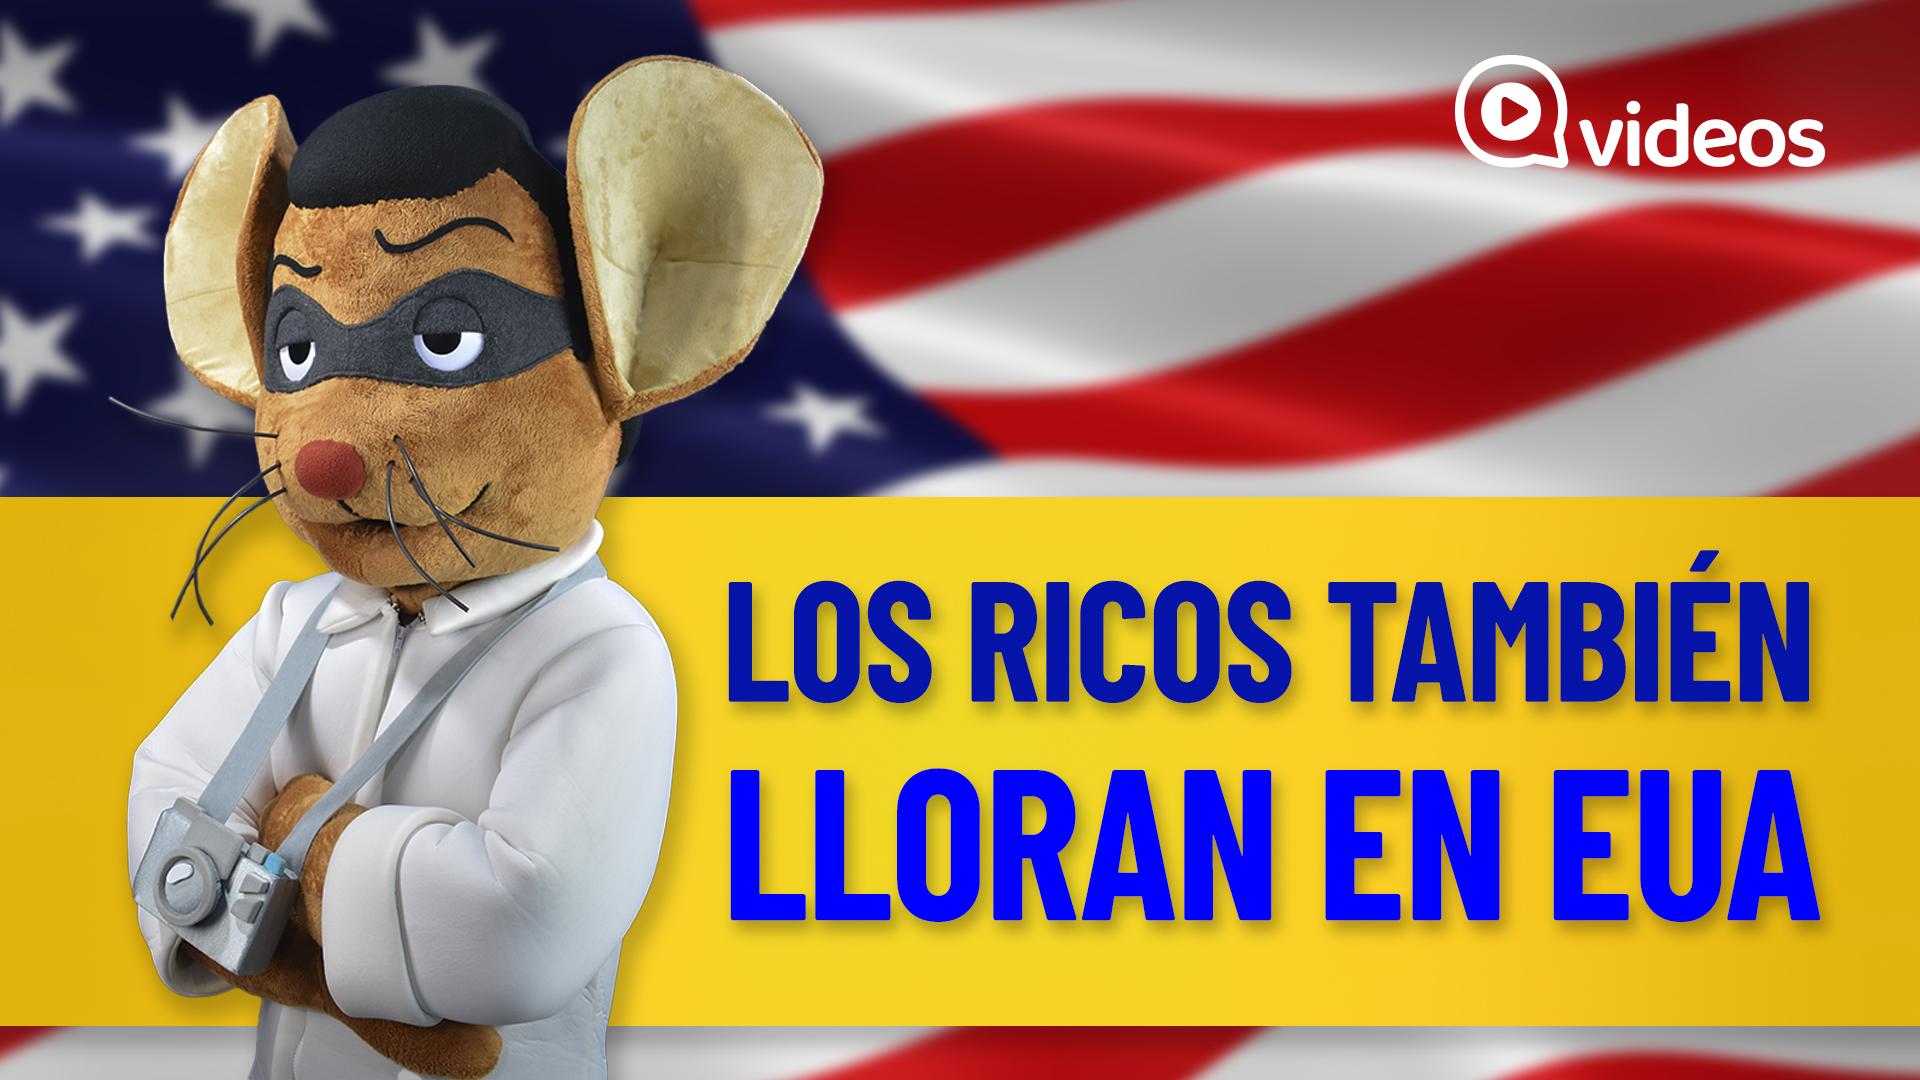 Los Ricos También Lloran en EUA